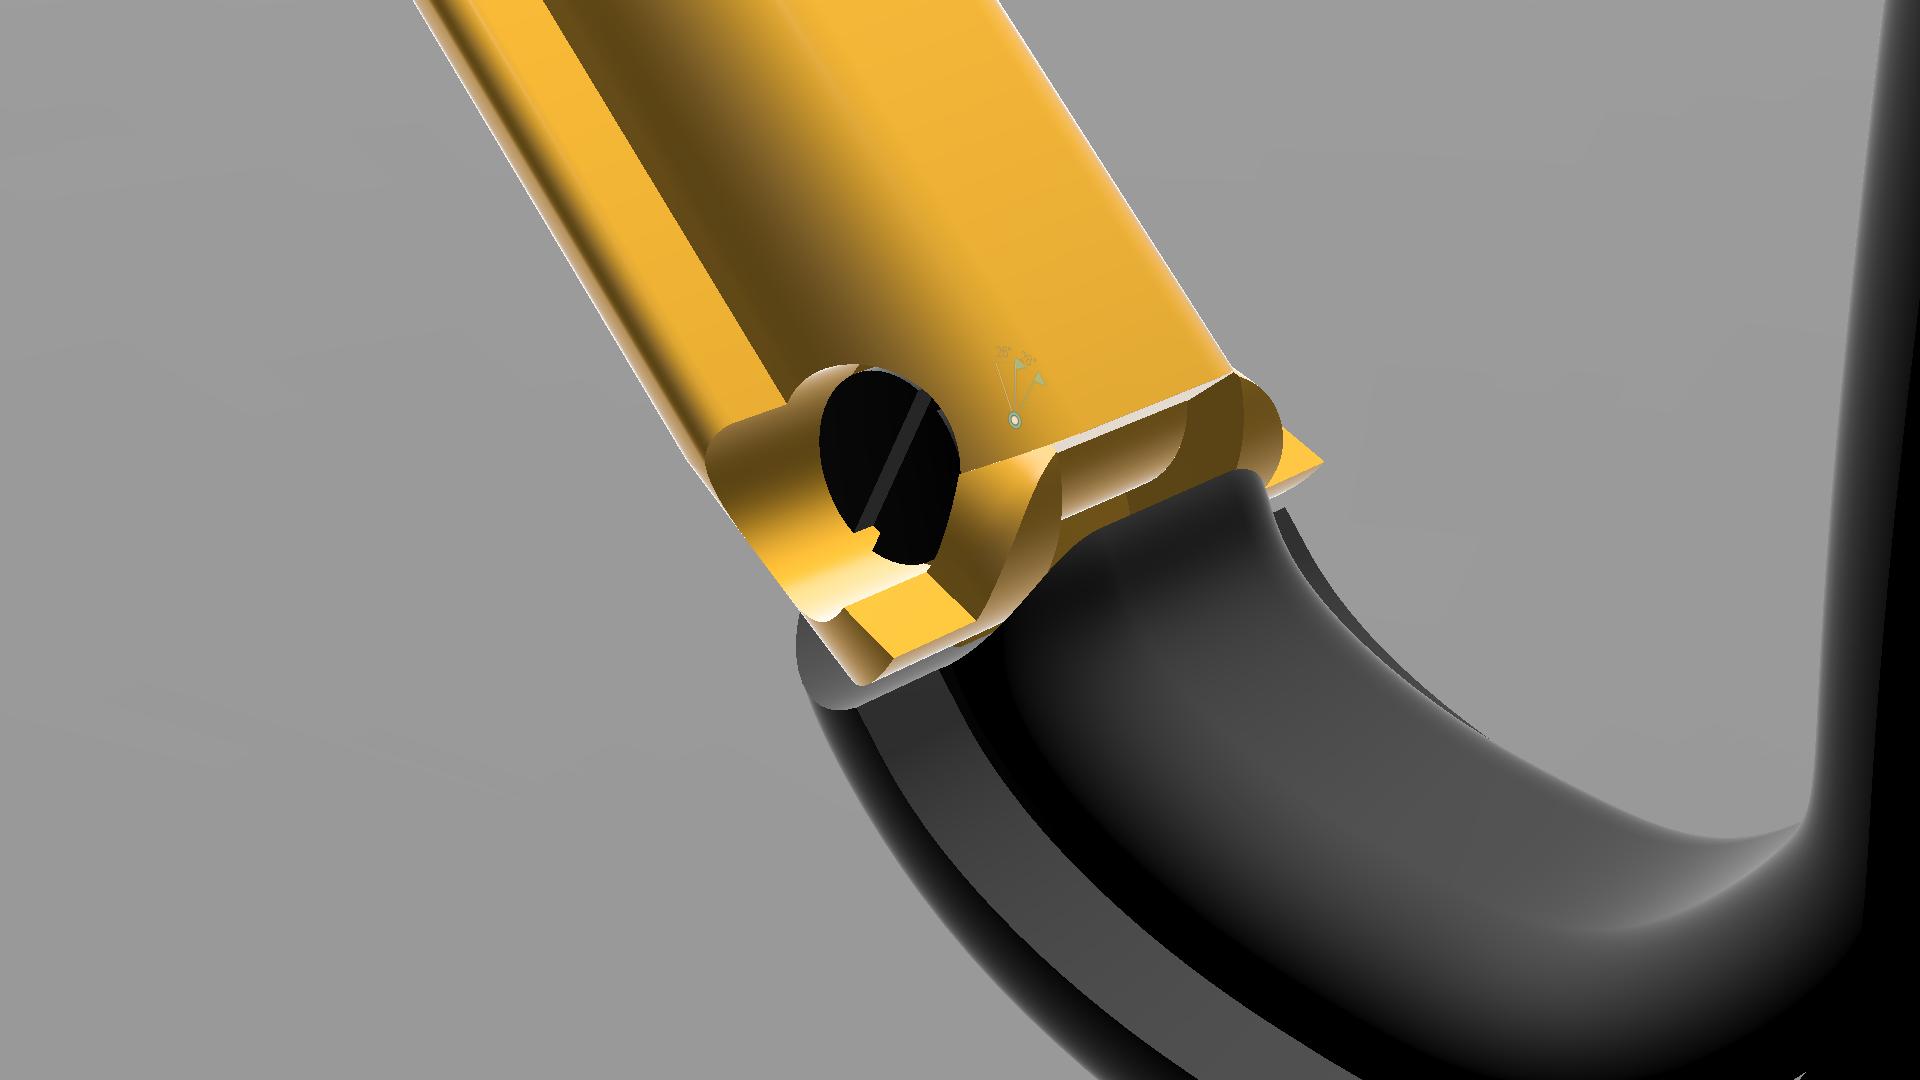 Mosqueton Spartan Carabiner v3 Interior Sistema.png Download STL file Carabiner / Carabineer - Spartan Carabiner - • 3D printable design, CHKDesign